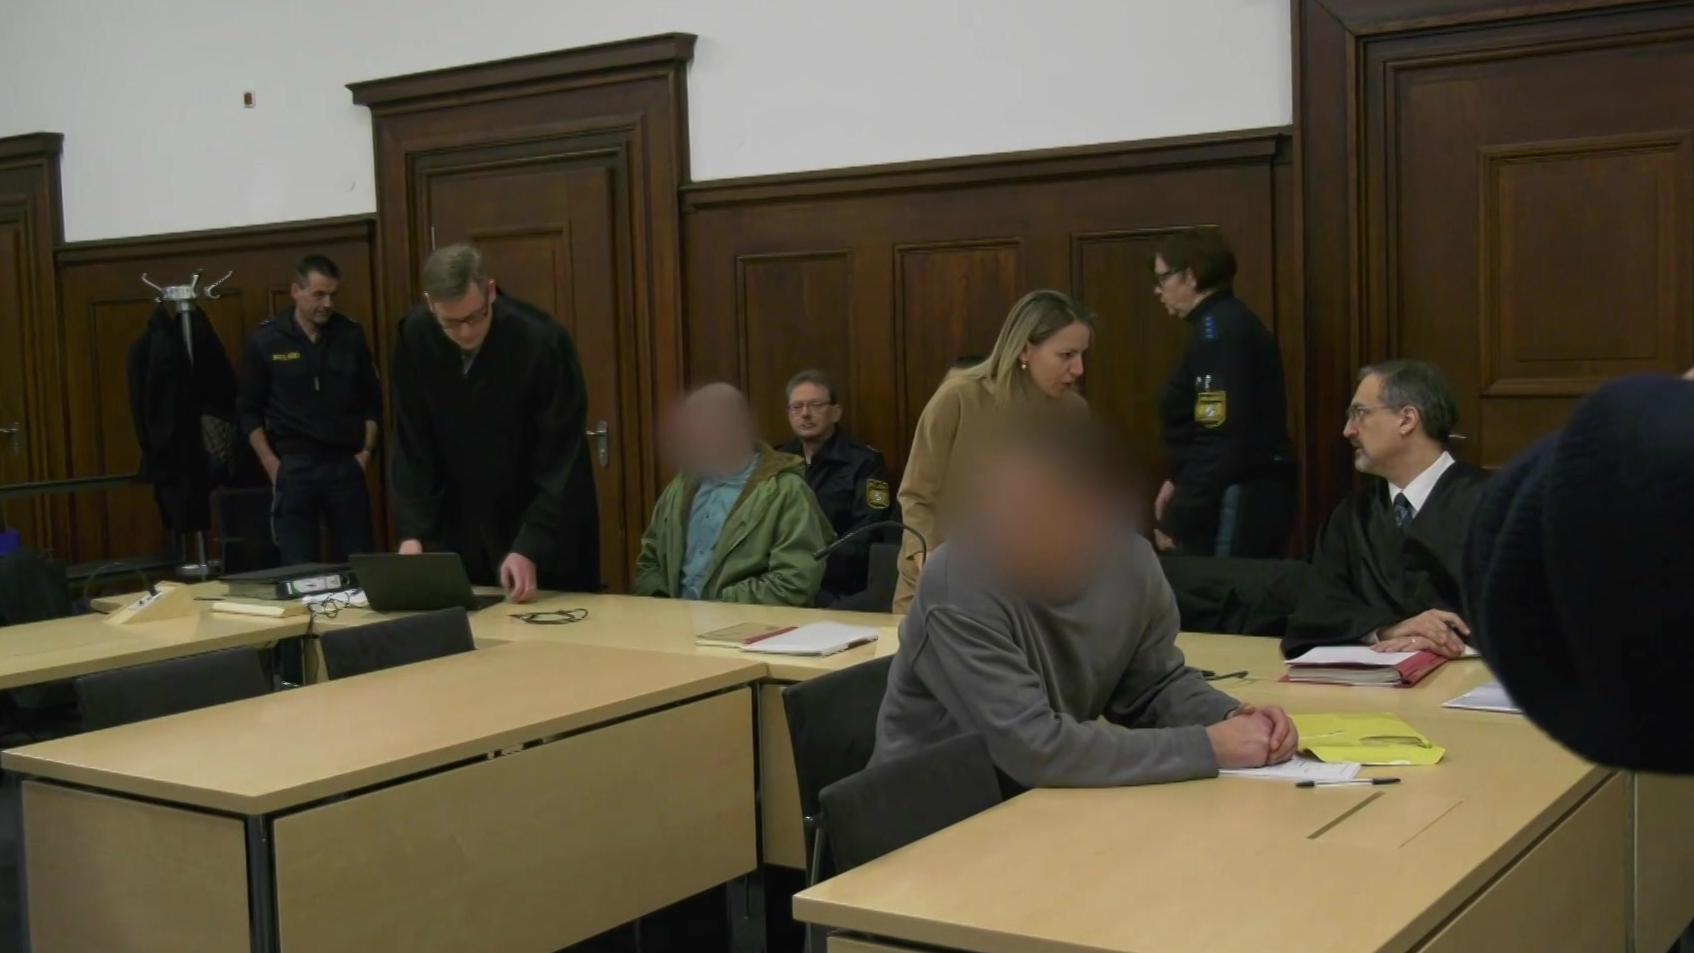 Angeklagte und Polizisten im Gerichtssaal